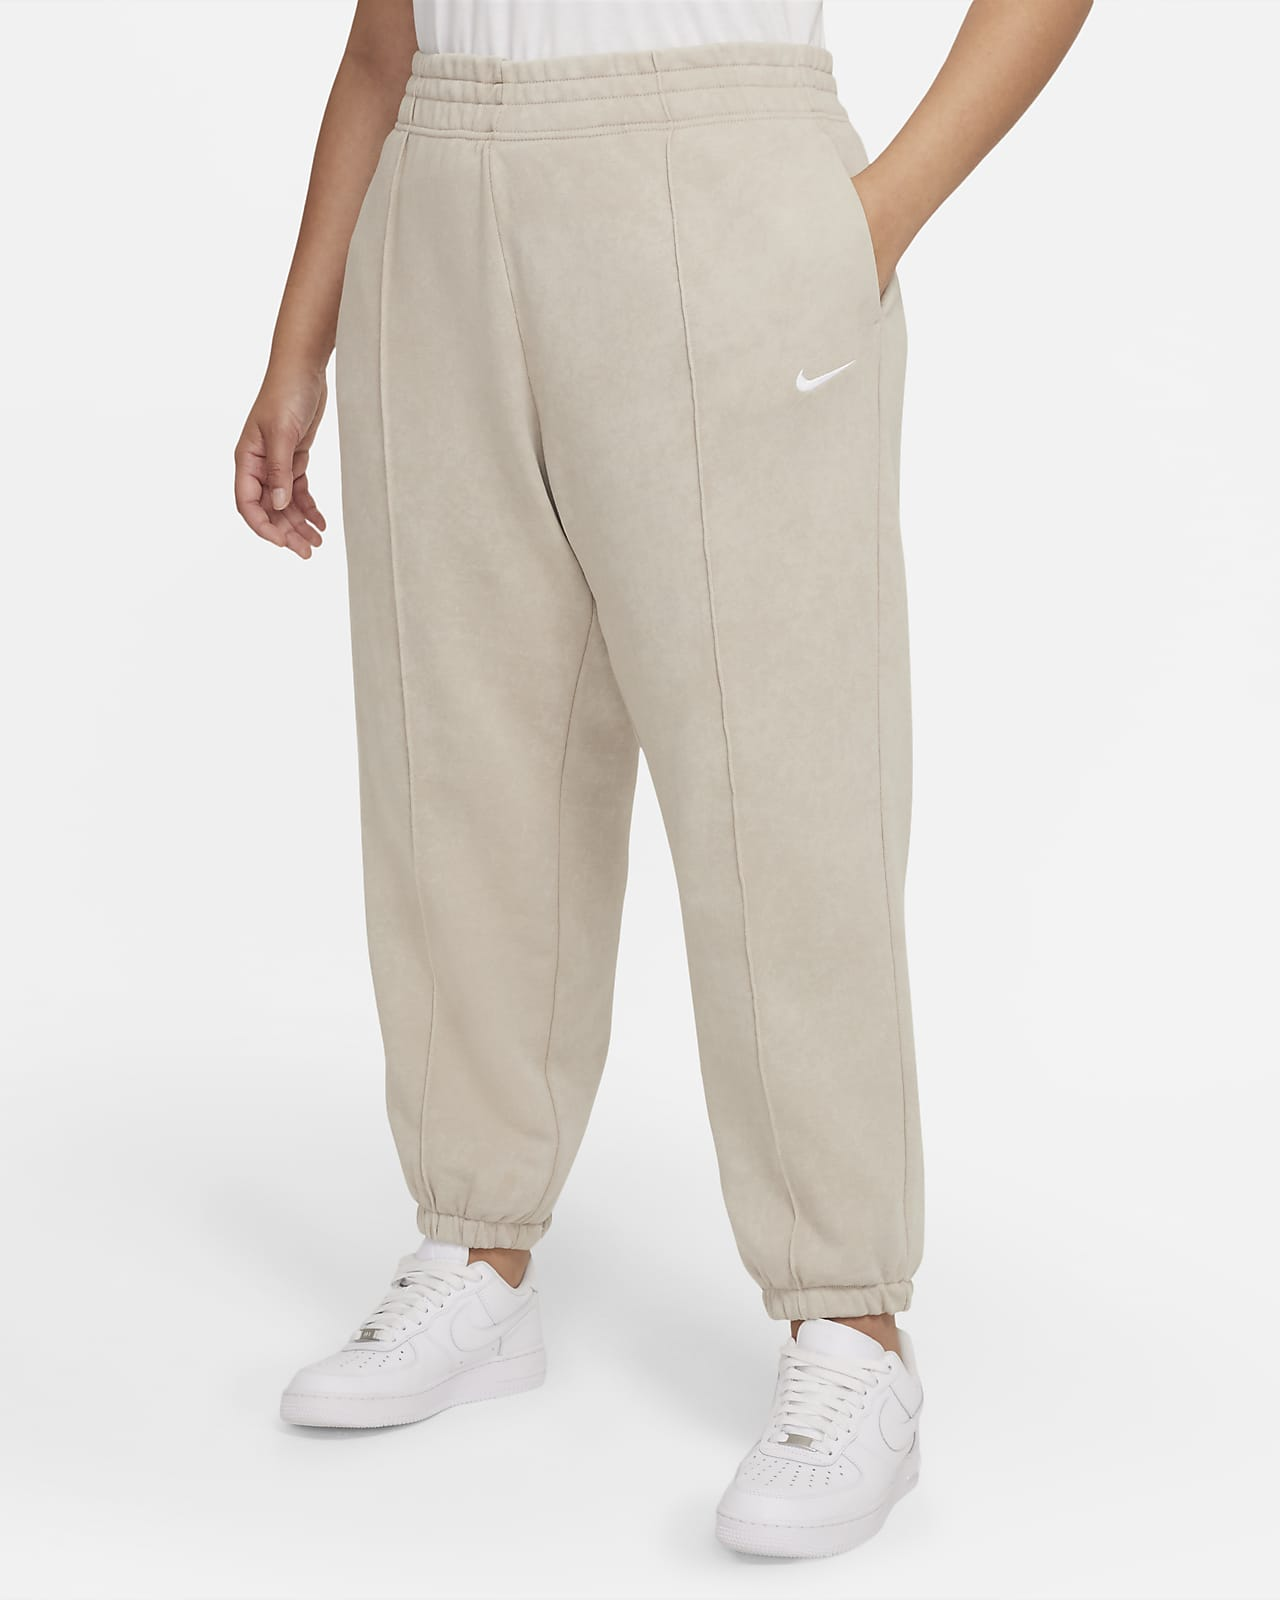 Calças de lã cardada com efeito lavado Nike Sportswear Essential Collection para mulher (tamanhos grandes)